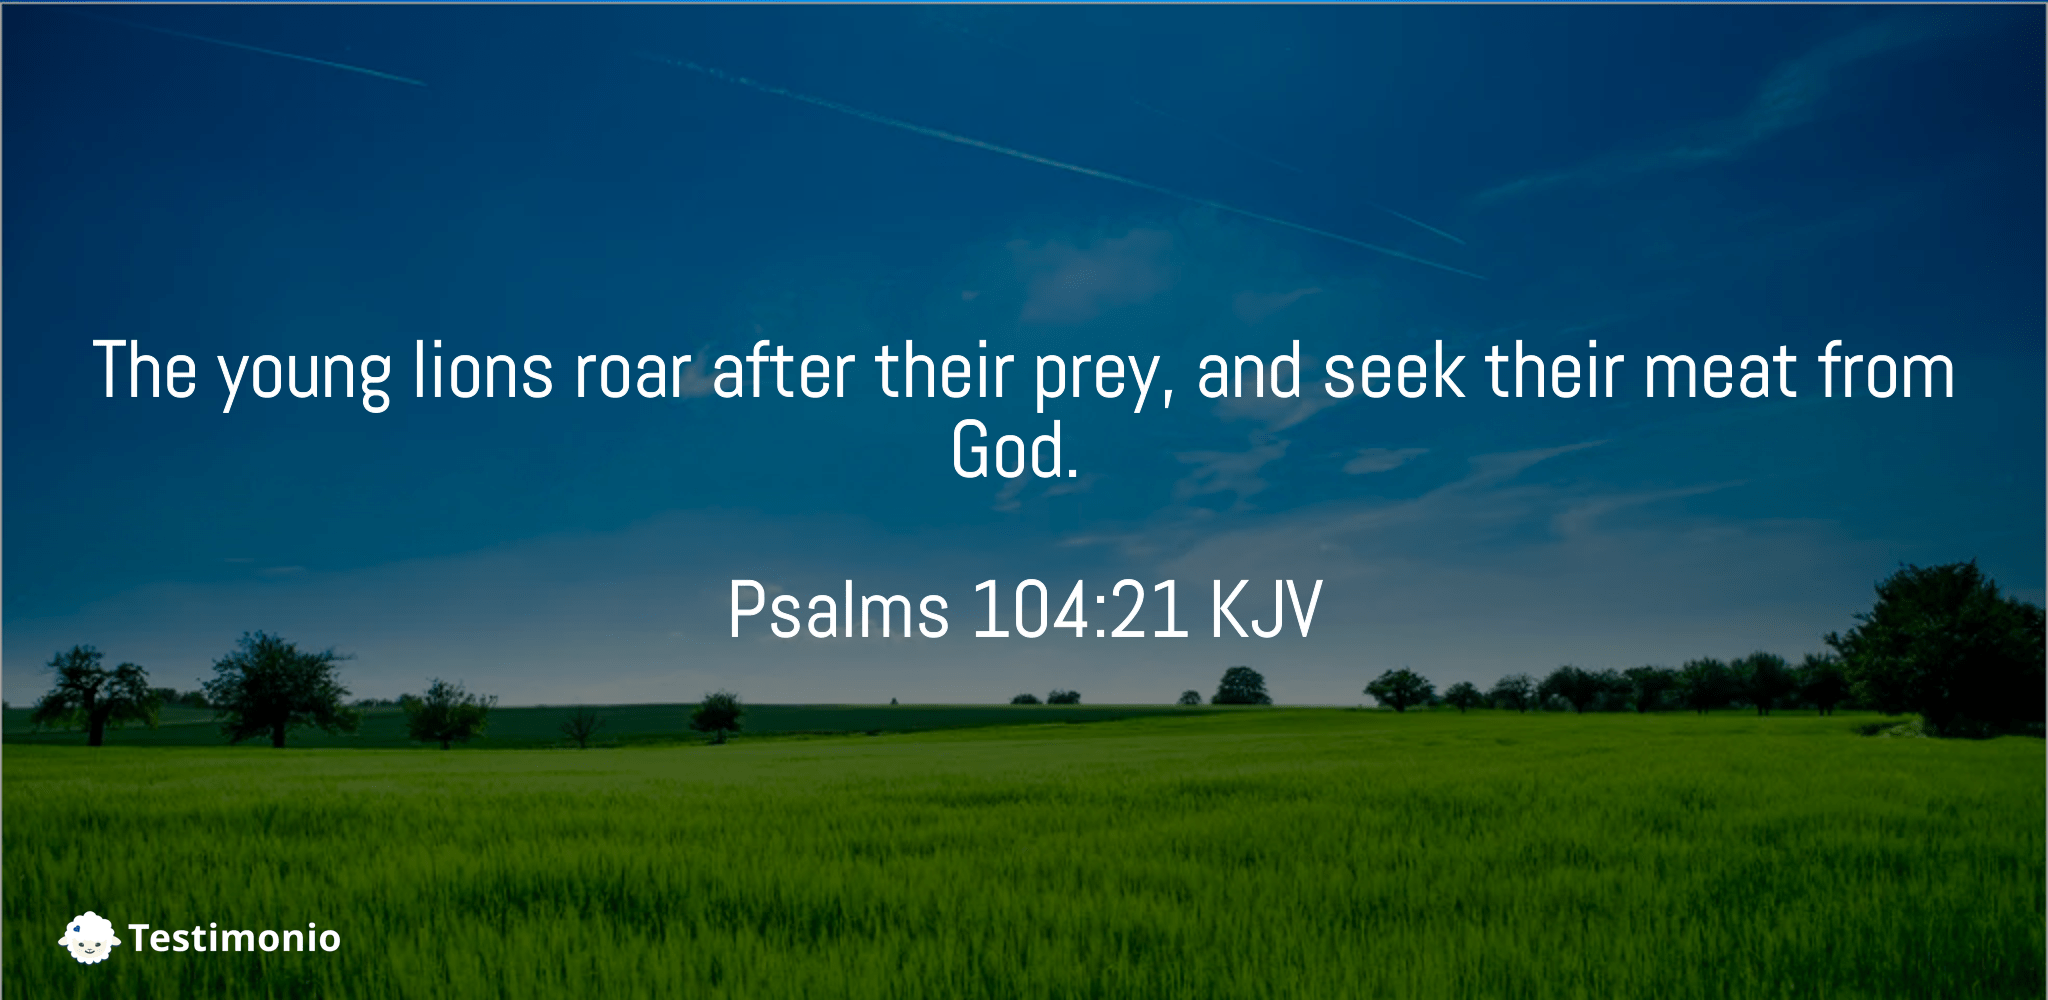 Psalms 104:21